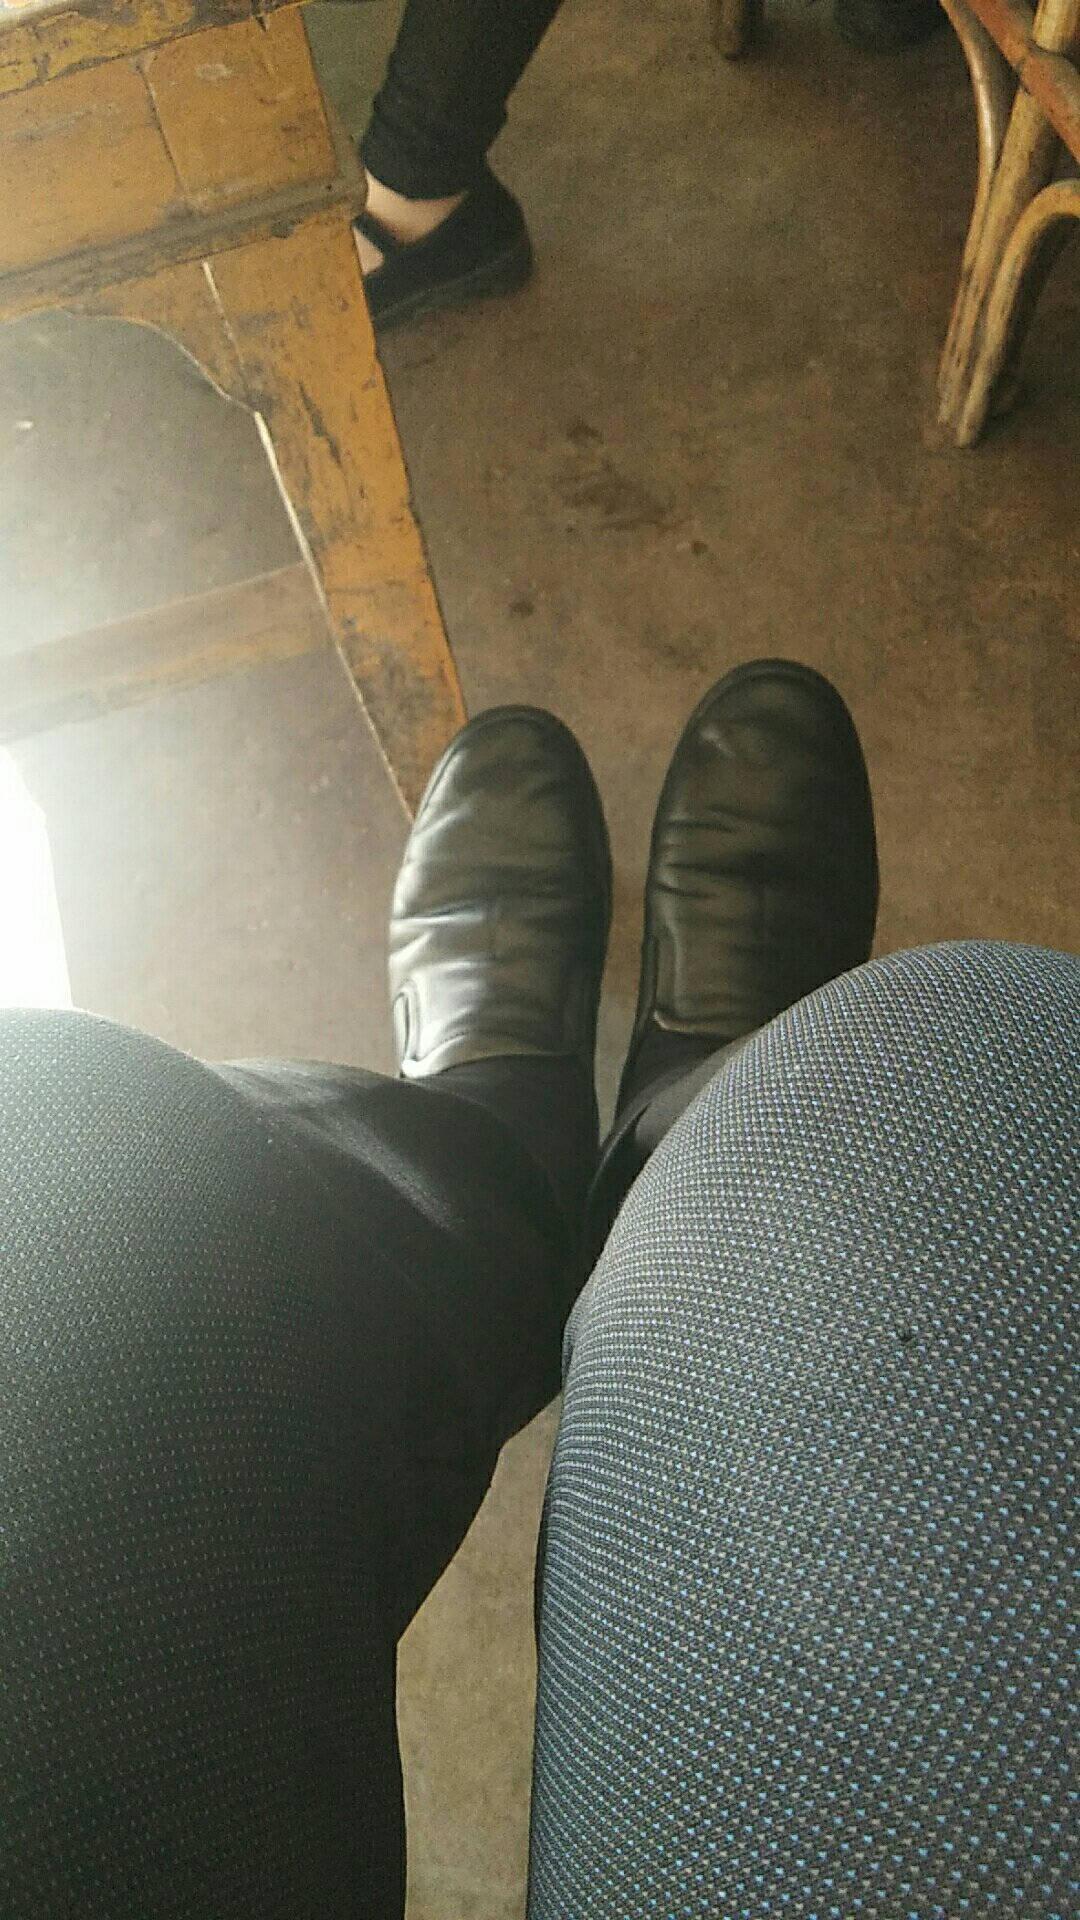 翰皇绵羊油鞋油黑色白色真皮保养油皮具滋养膏皮鞋油无色通用皮衣油棕色皮革护理剂黑色